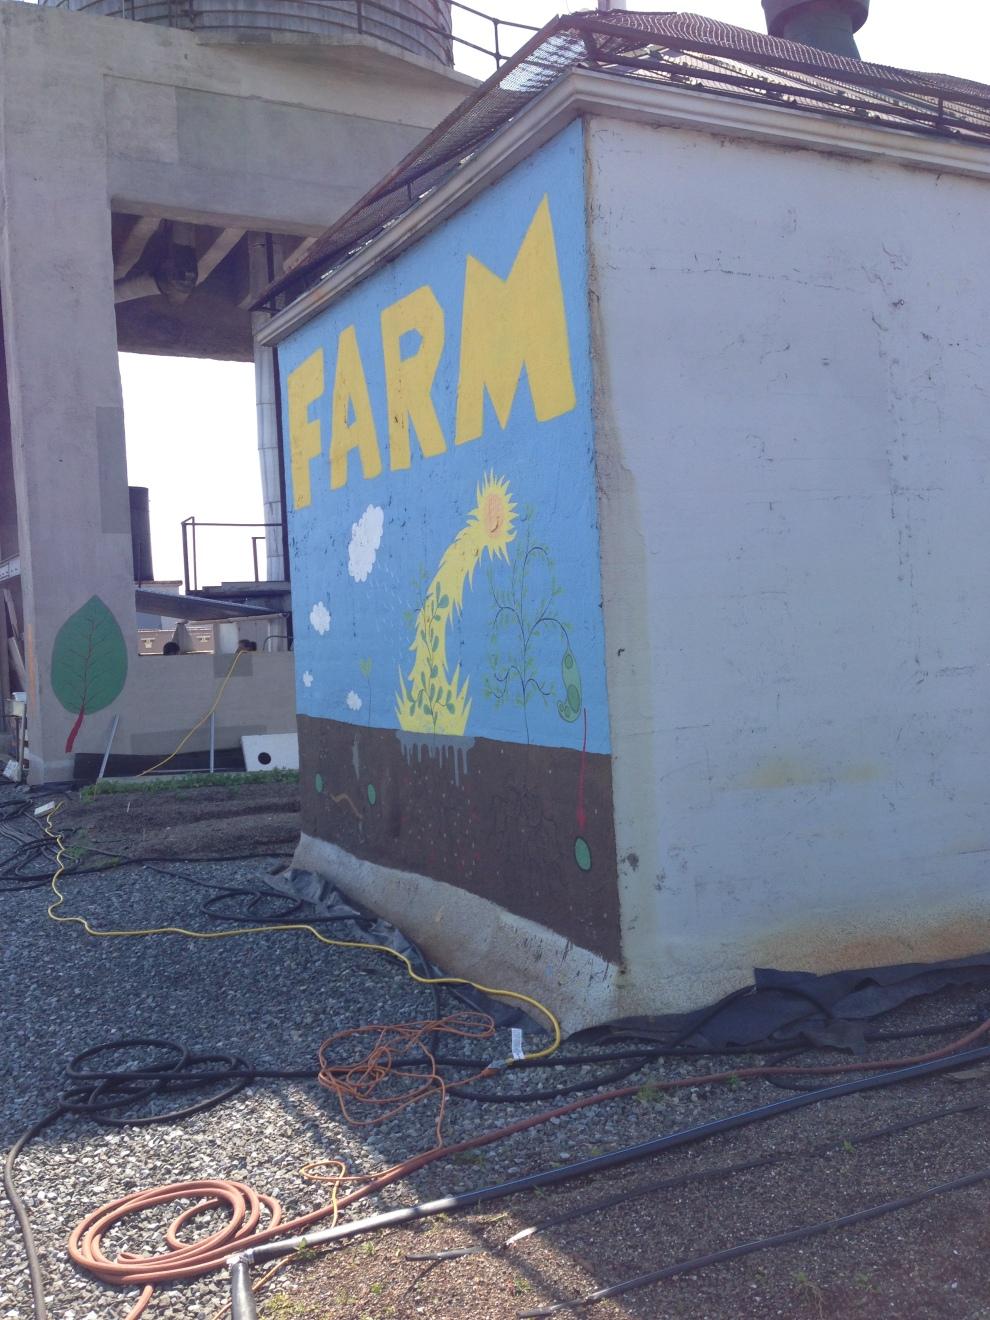 farm sign aslant